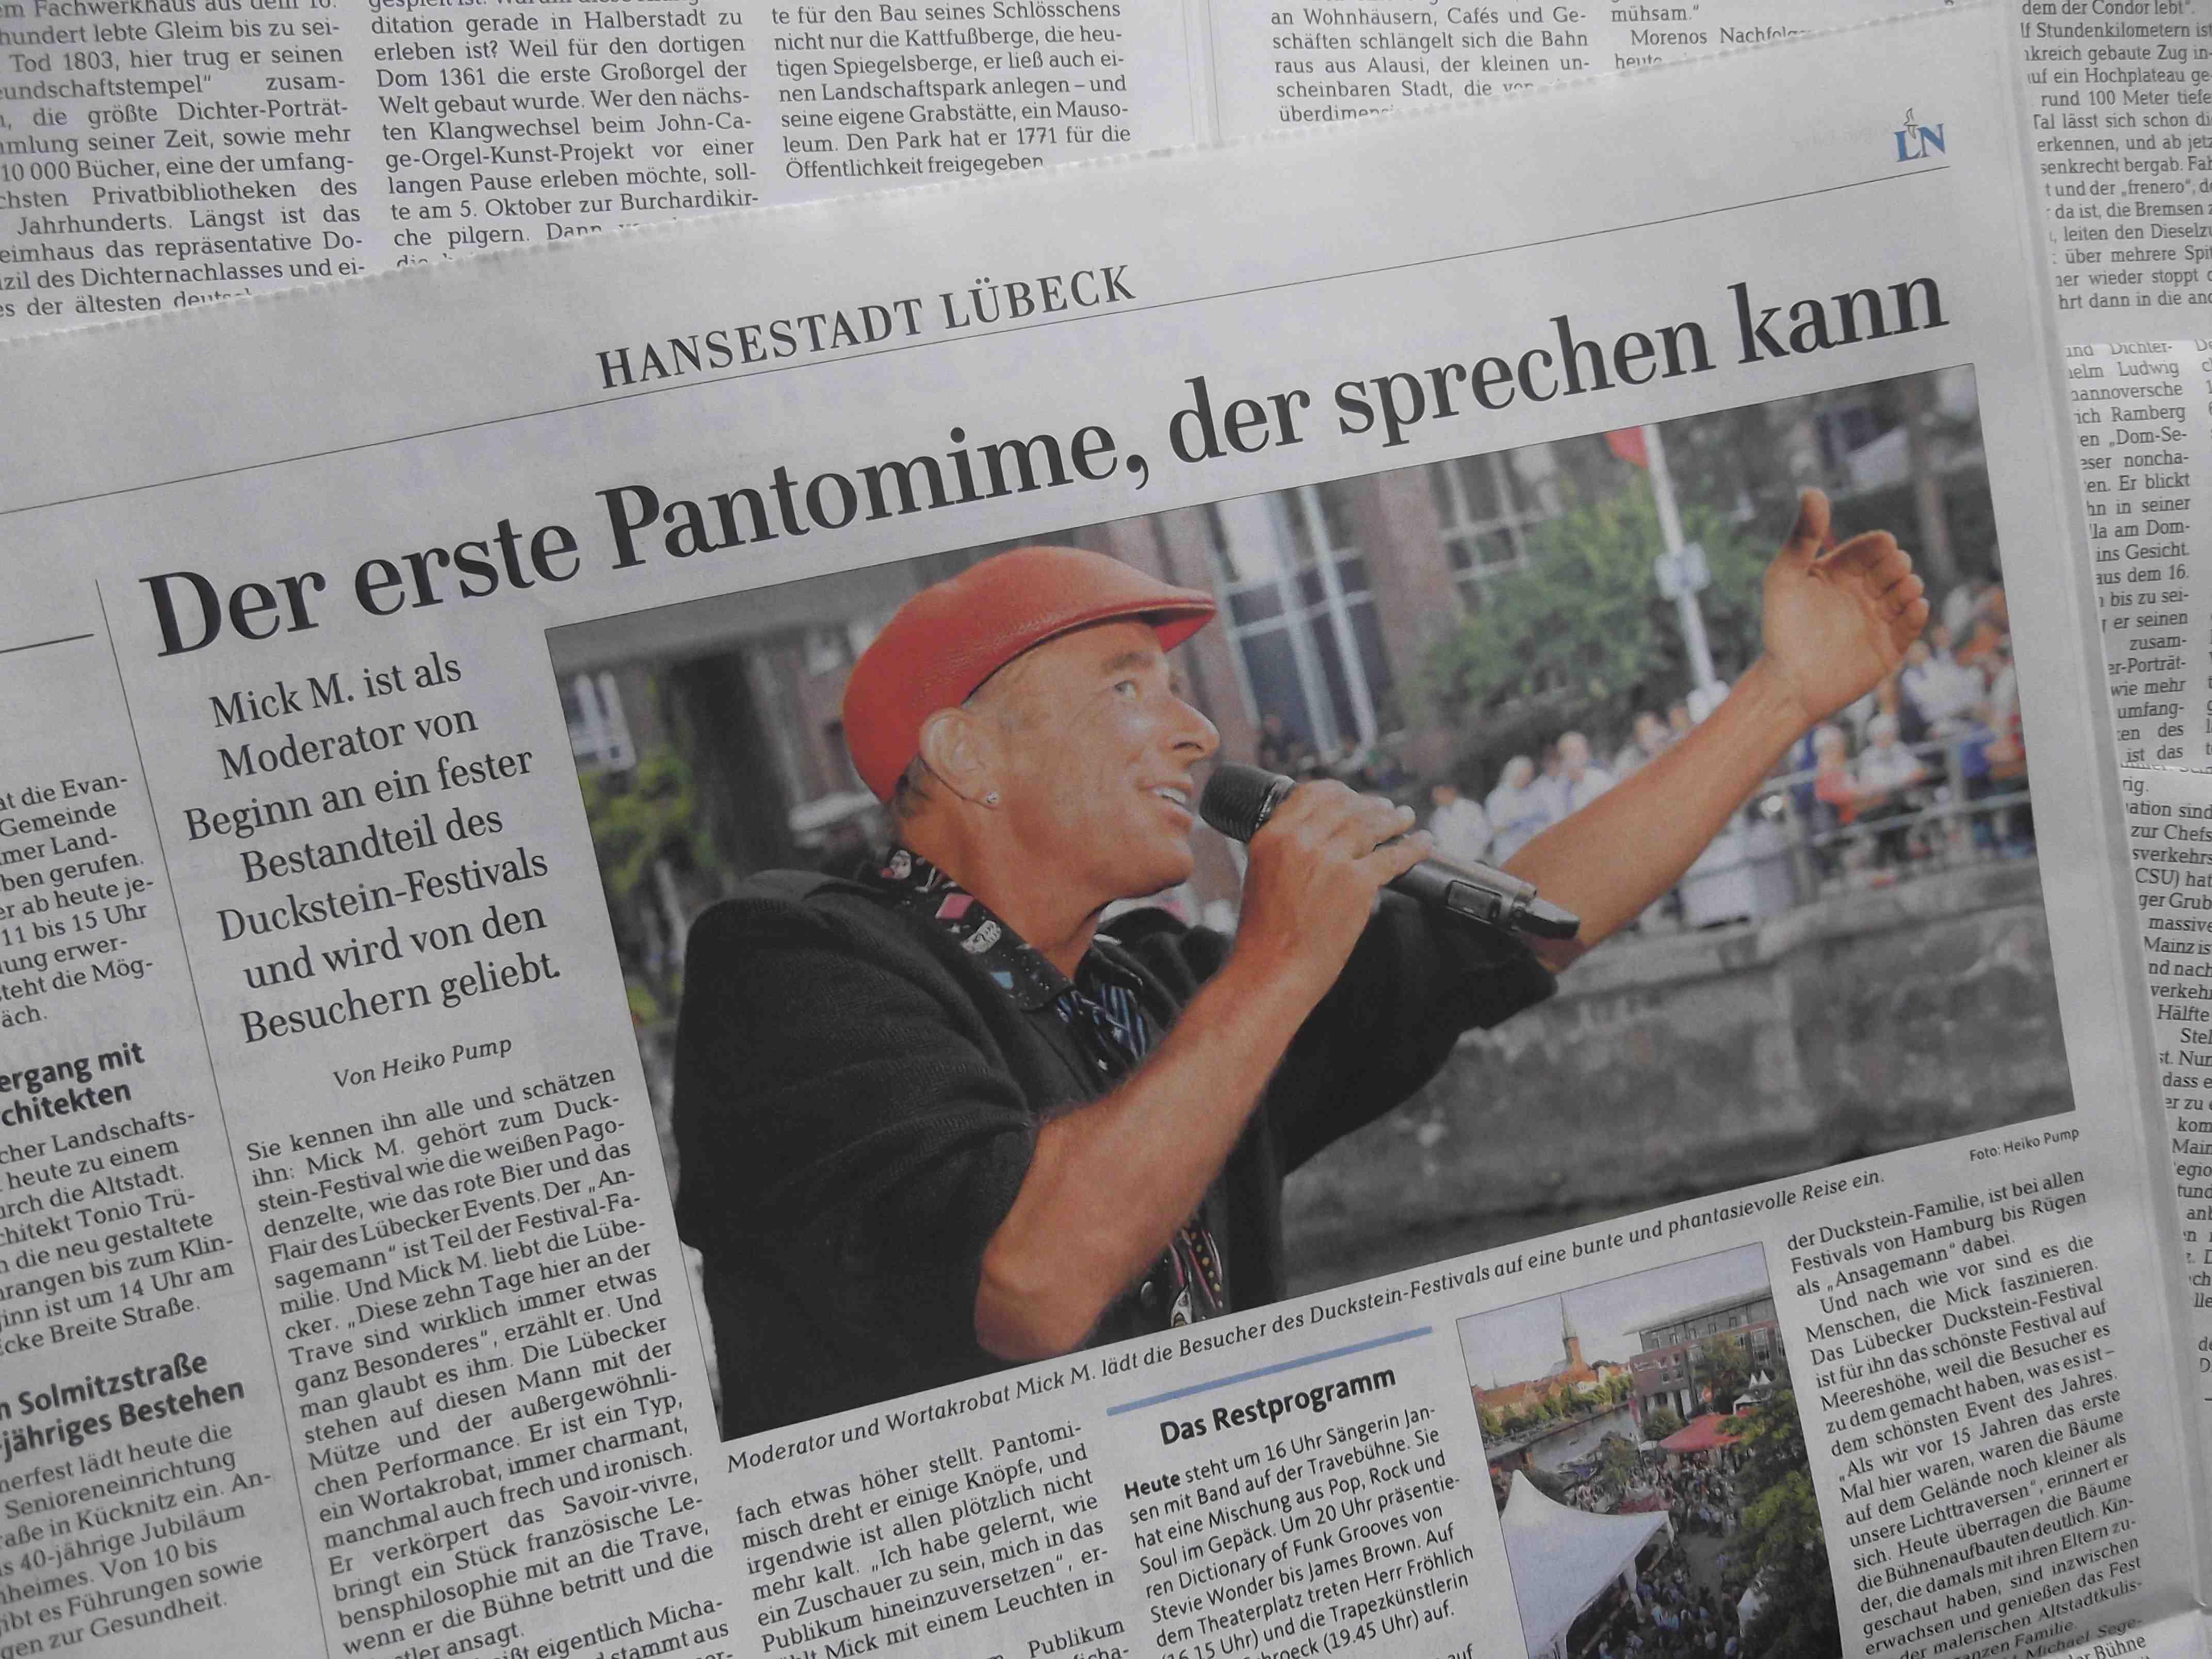 Lübecker Nachrichten 2 004, small